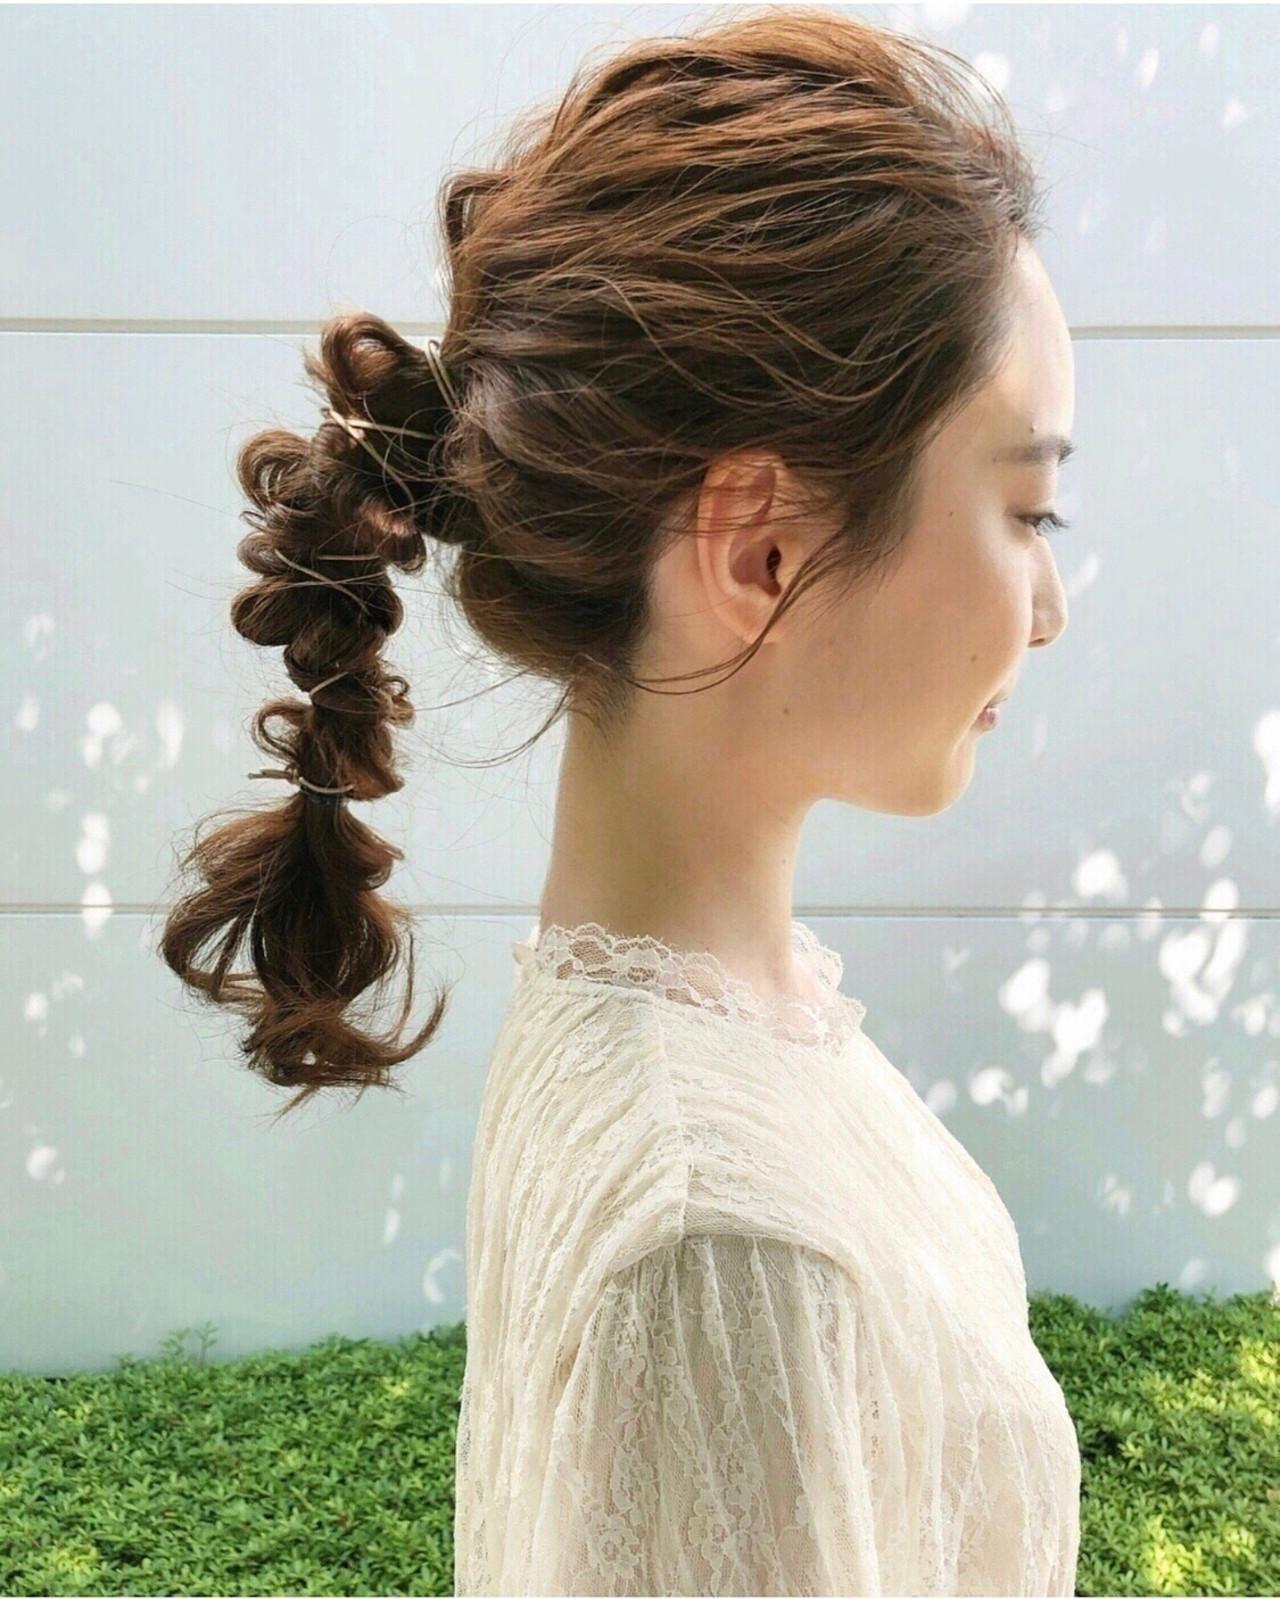 ヘアアレンジ 簡単ヘアアレンジ 大人かわいい 結婚式ヘアアレンジ ヘアスタイルや髪型の写真・画像 | tomoya tamada / Bridal hairmake